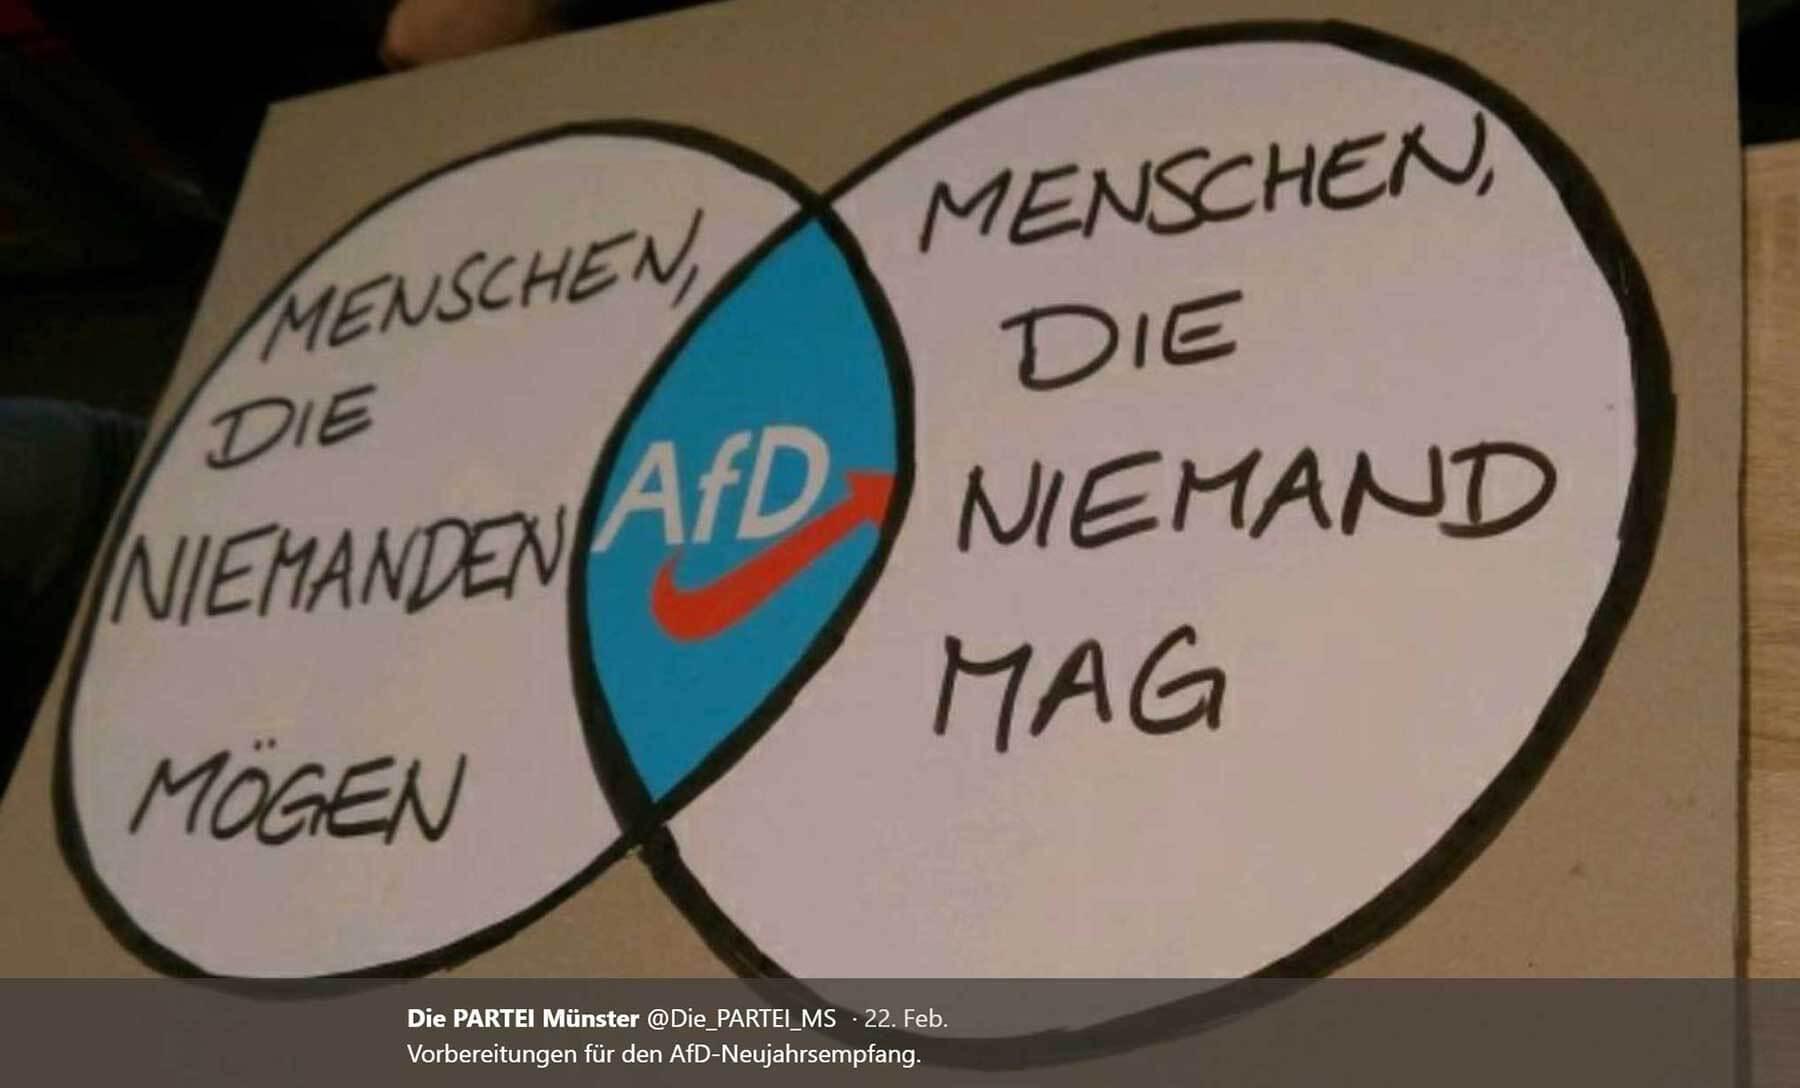 Bilderparade DXXXIX LangweileDich.net_Bilderparade_DXXXIX_92